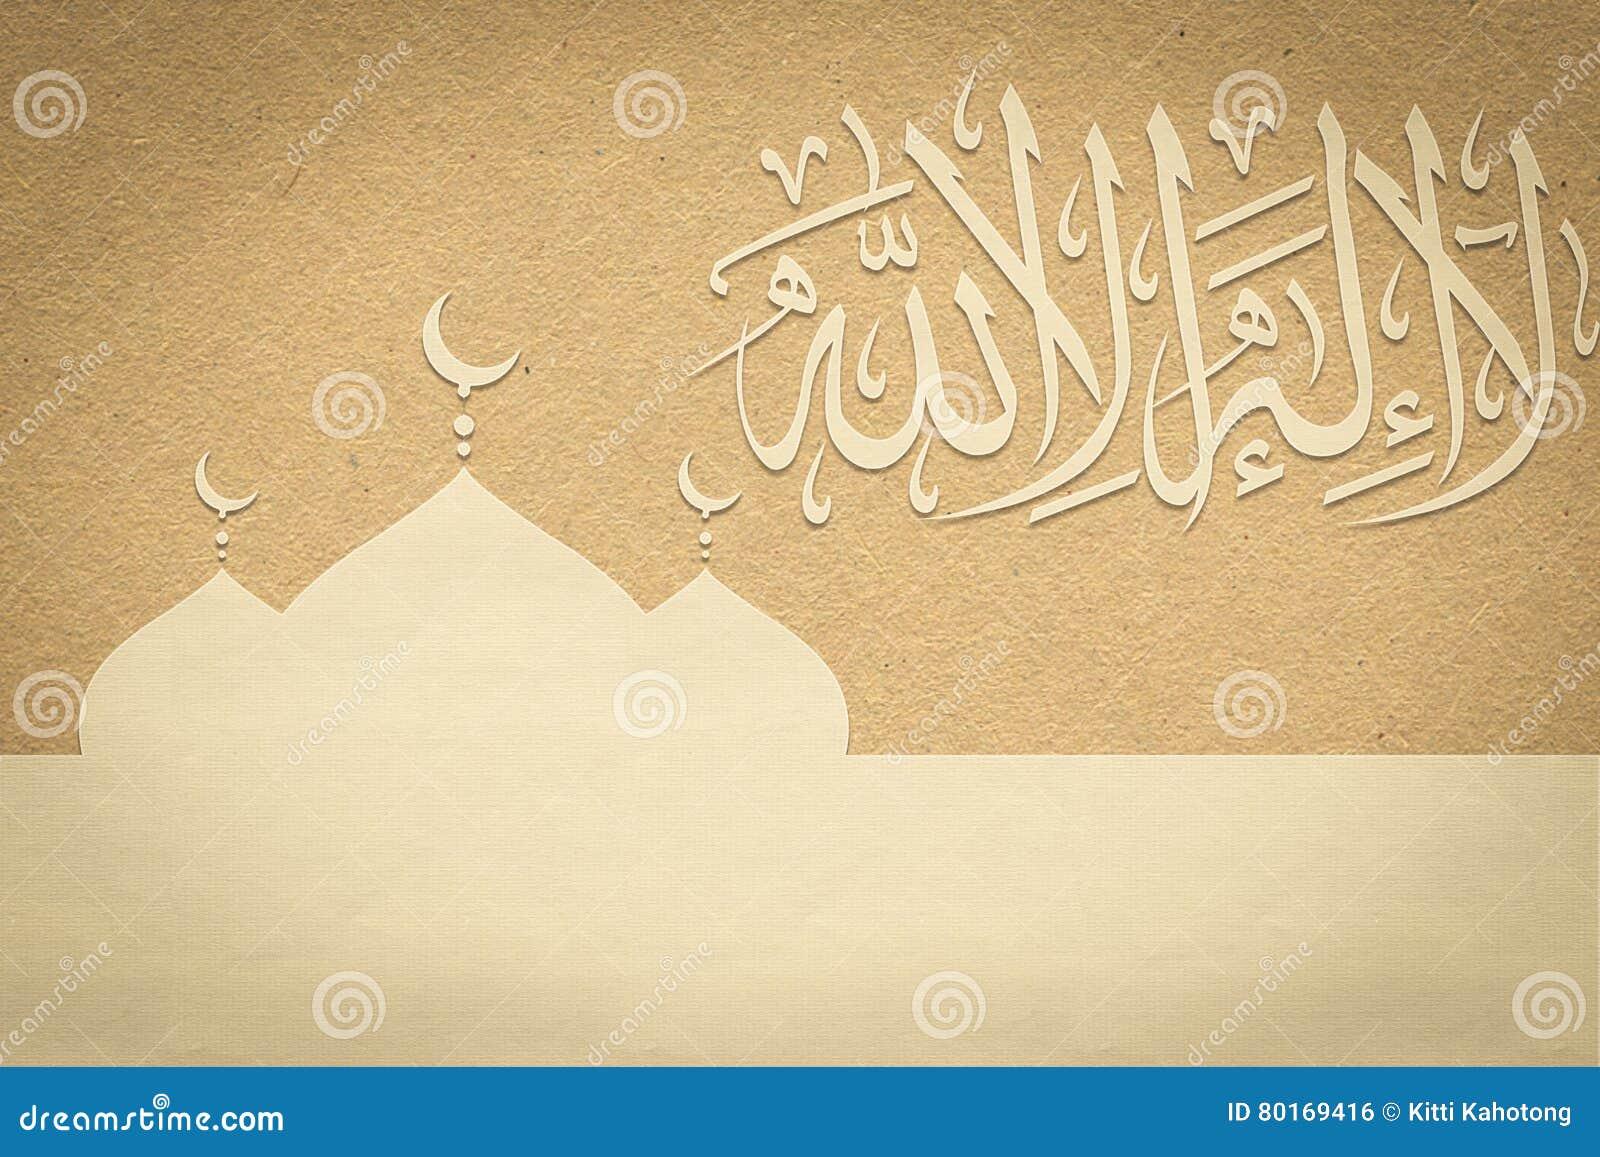 Lailahaillallah islâmico do termo, igualmente chamado shahada, seu um credo islâmico que declara a opinião no oneness do deus